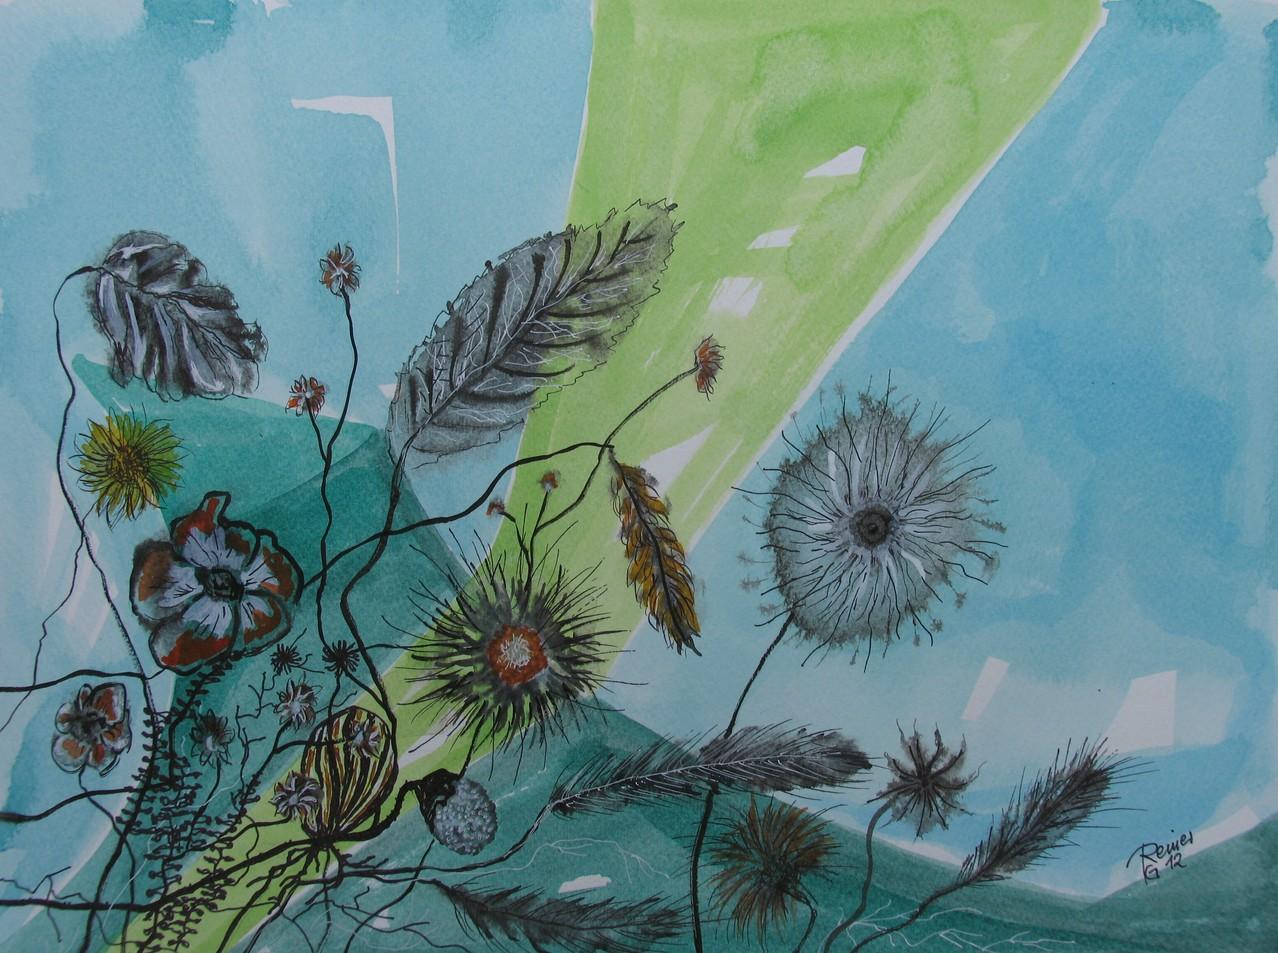 Distelartige 4, Tusche auf Papier, 30 x 40 cm